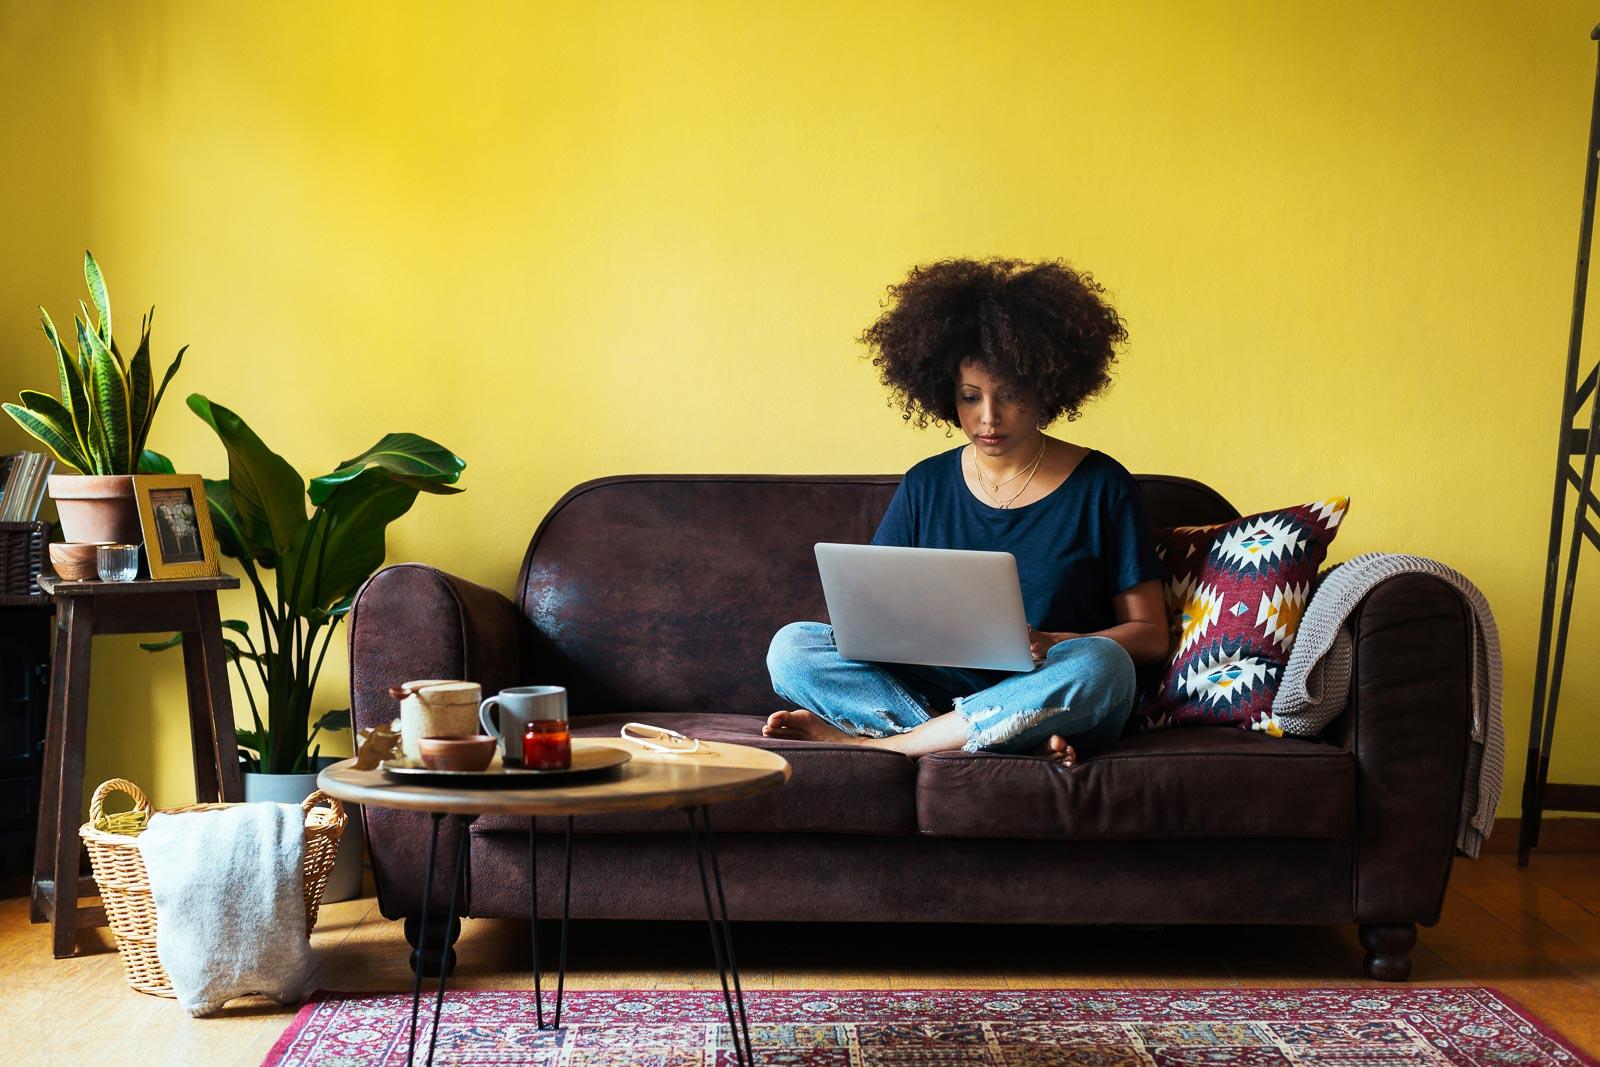 Kvinne sitter i sofaen og jobber med SSL-sikret nettside